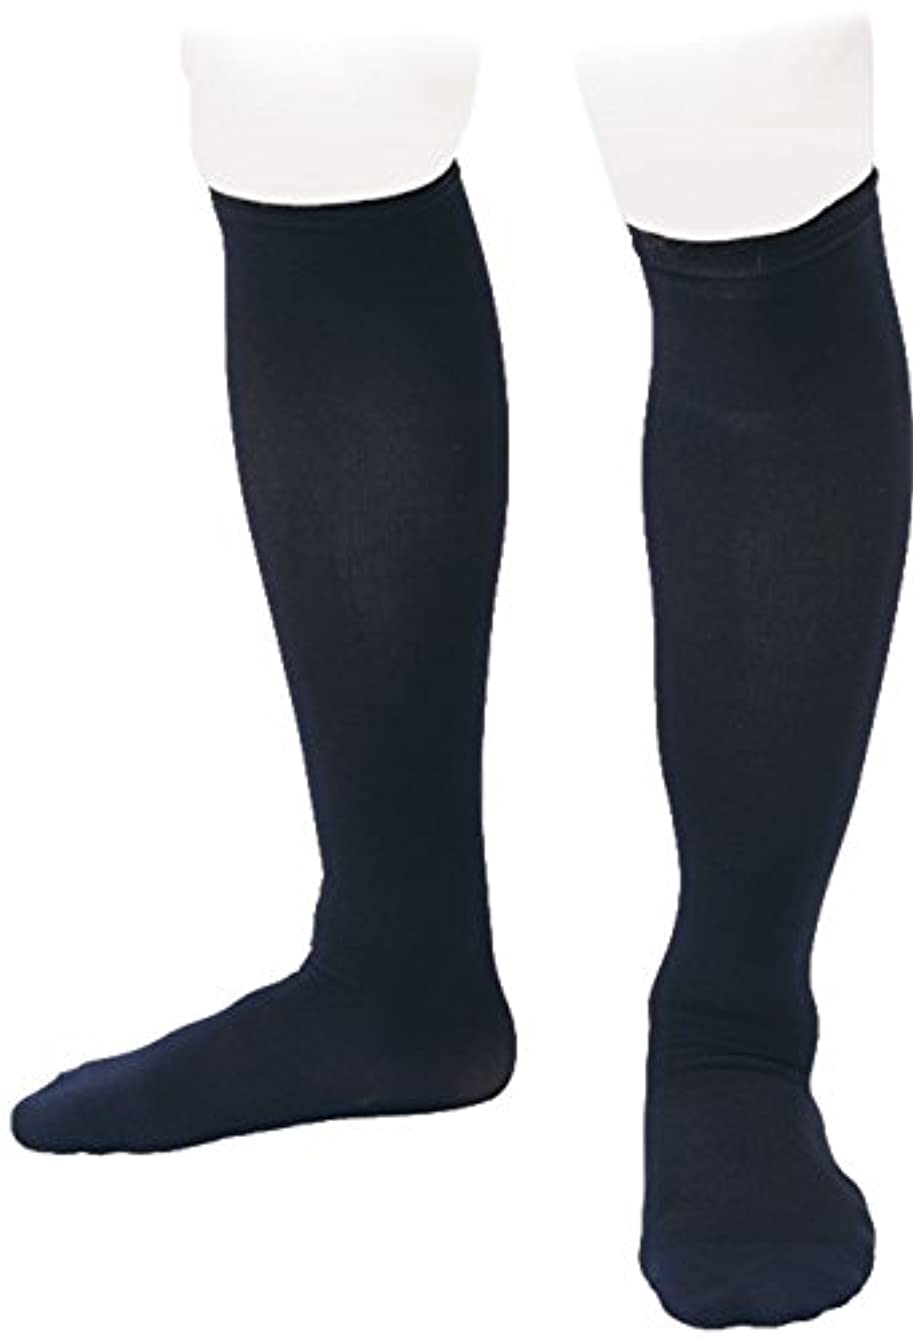 外交問題かわすロック【マッスルプロジェクト】日本企画 2足組 メンズ 加圧 ソックス 靴下 黒 ブラック (MP-CS2S) (対応サイズ:25~28cm) 引き締め 運動効果 (新日本プロレス) 棚橋選手 オススメ